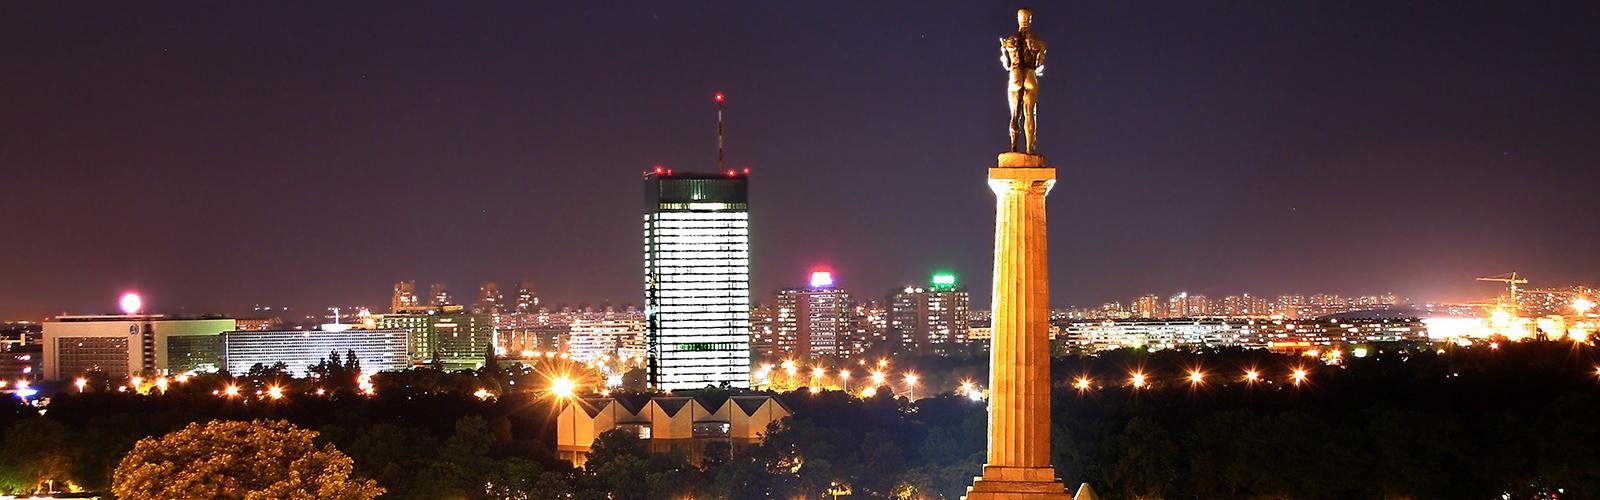 Concierge Belgrade | Las Vegas in Belgrade